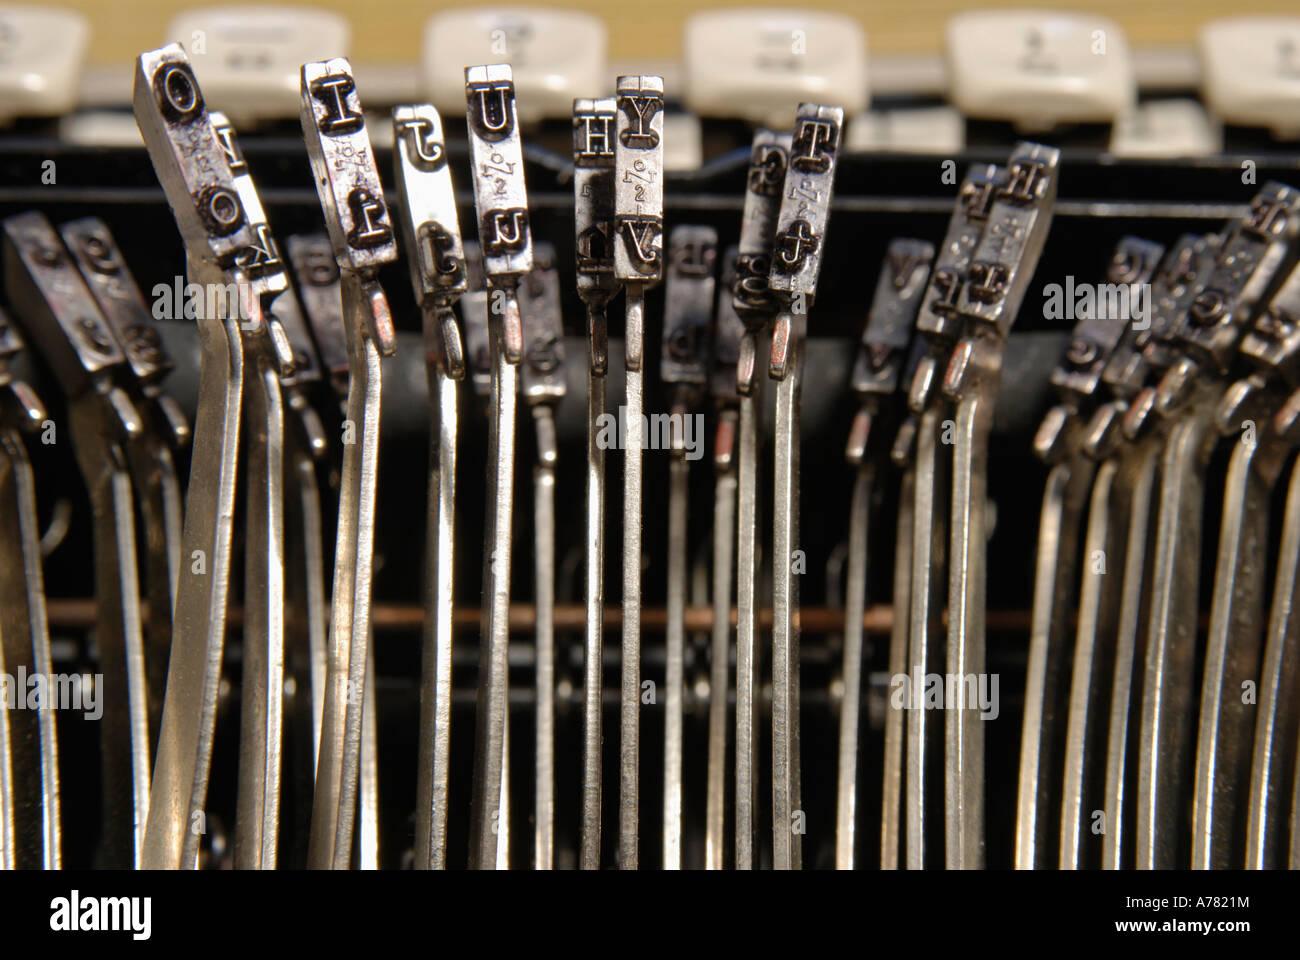 Nahaufnahme von Schreibmaschine Briefe Stockbild